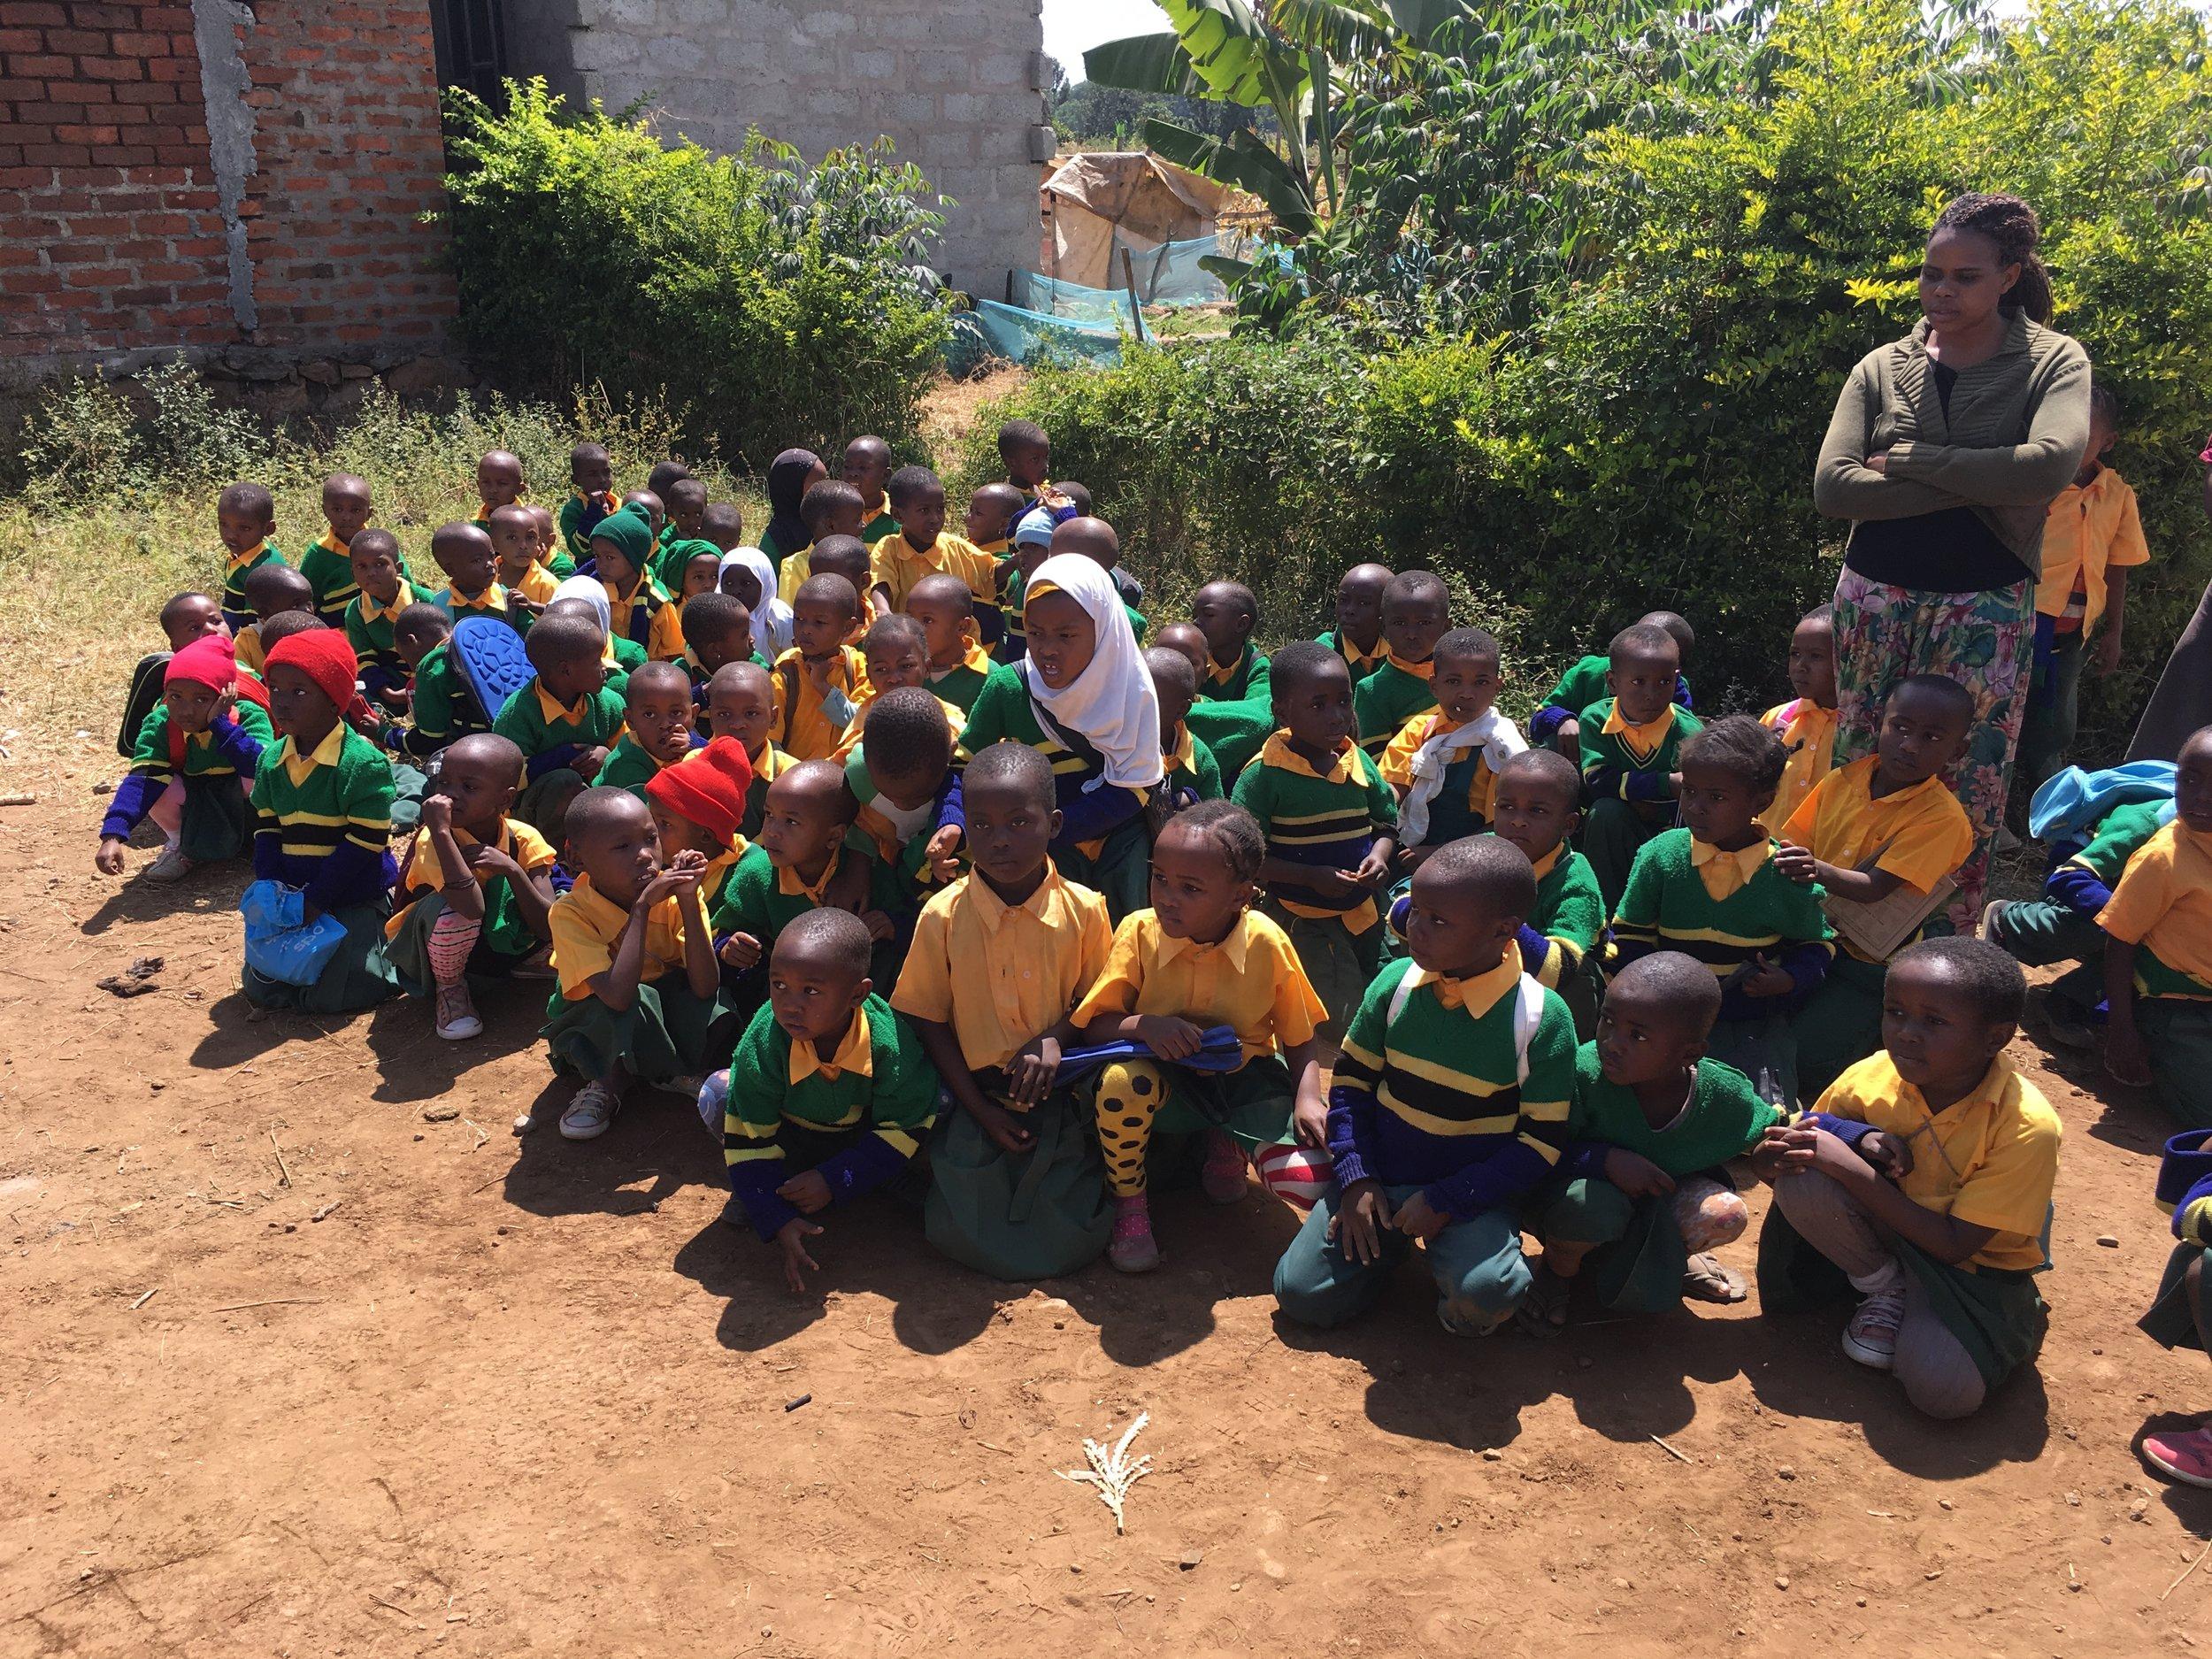 Students at ECCE center in Arusha, Tanzania